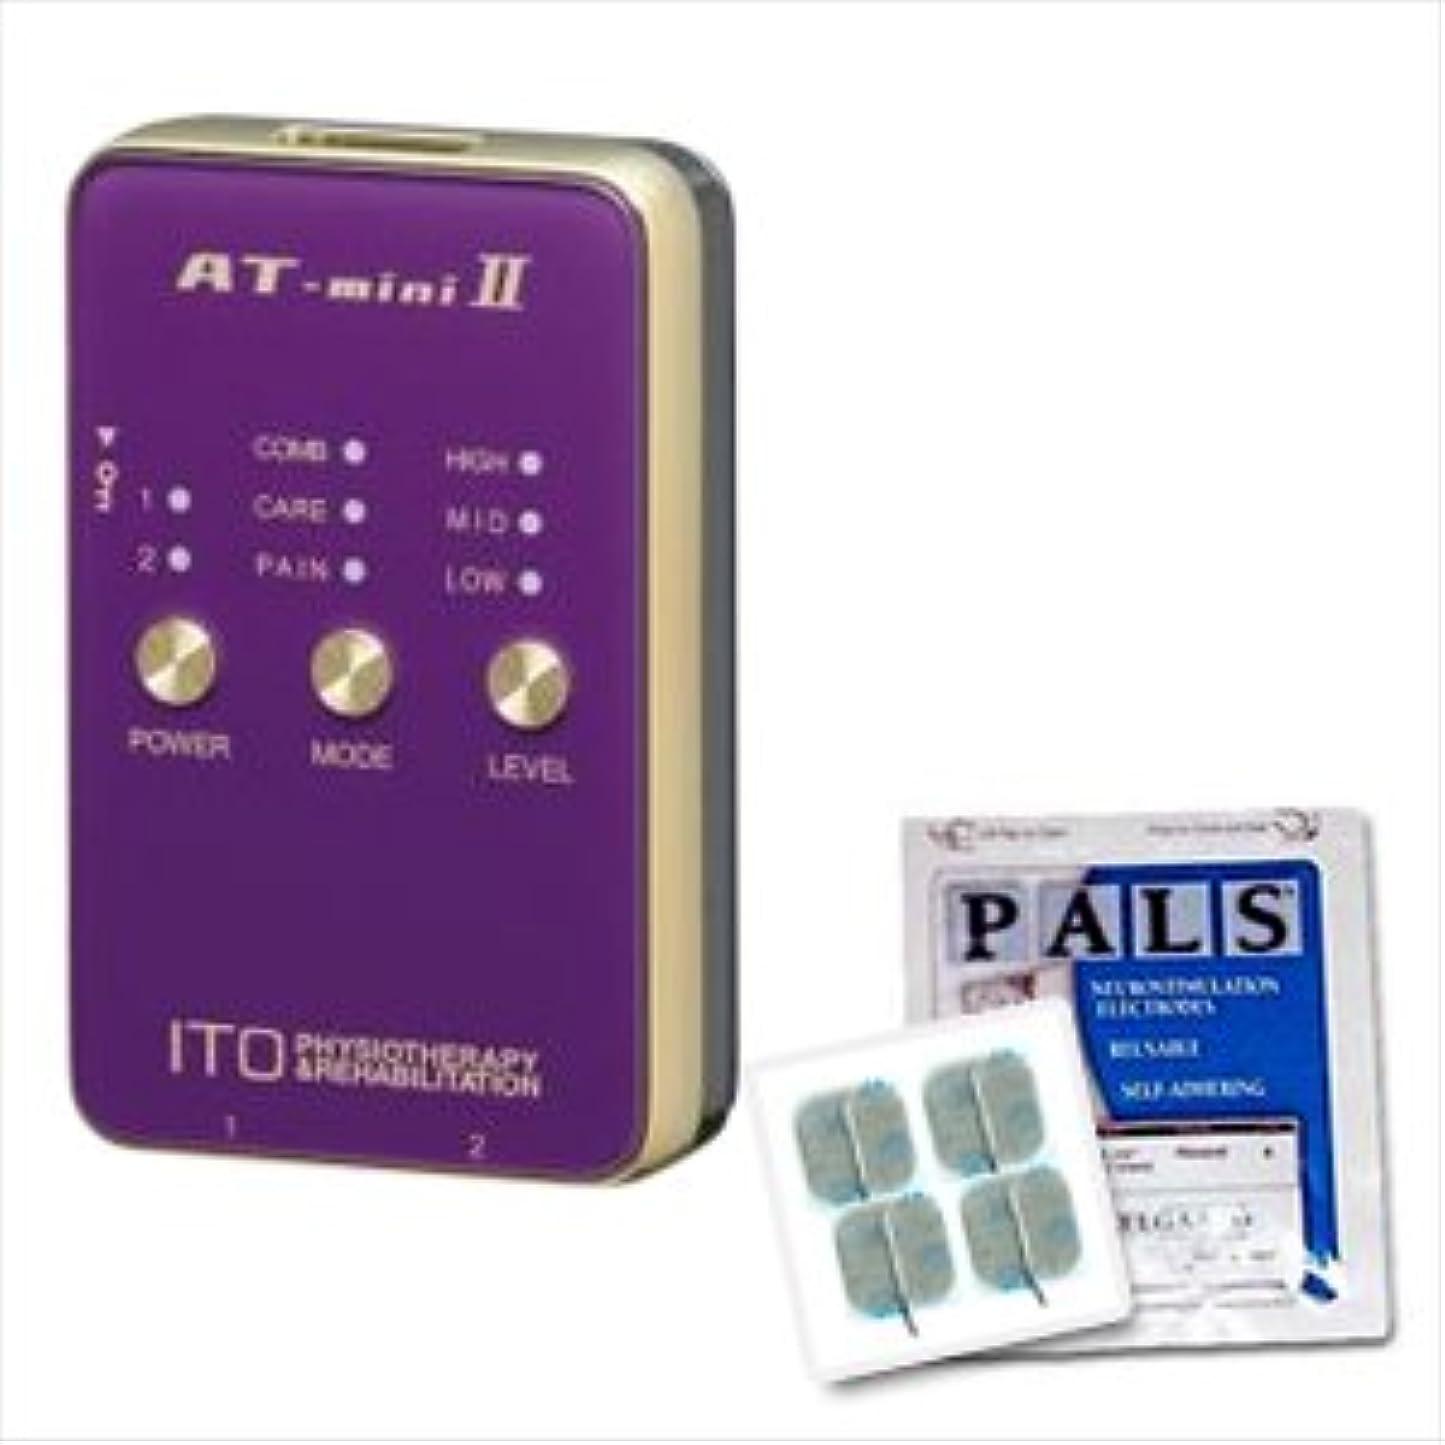 降伏することになっている弱める低周波治療器 AT-mini II パープル +アクセルガードMサイズ(5x5cm:1袋4枚入)セット